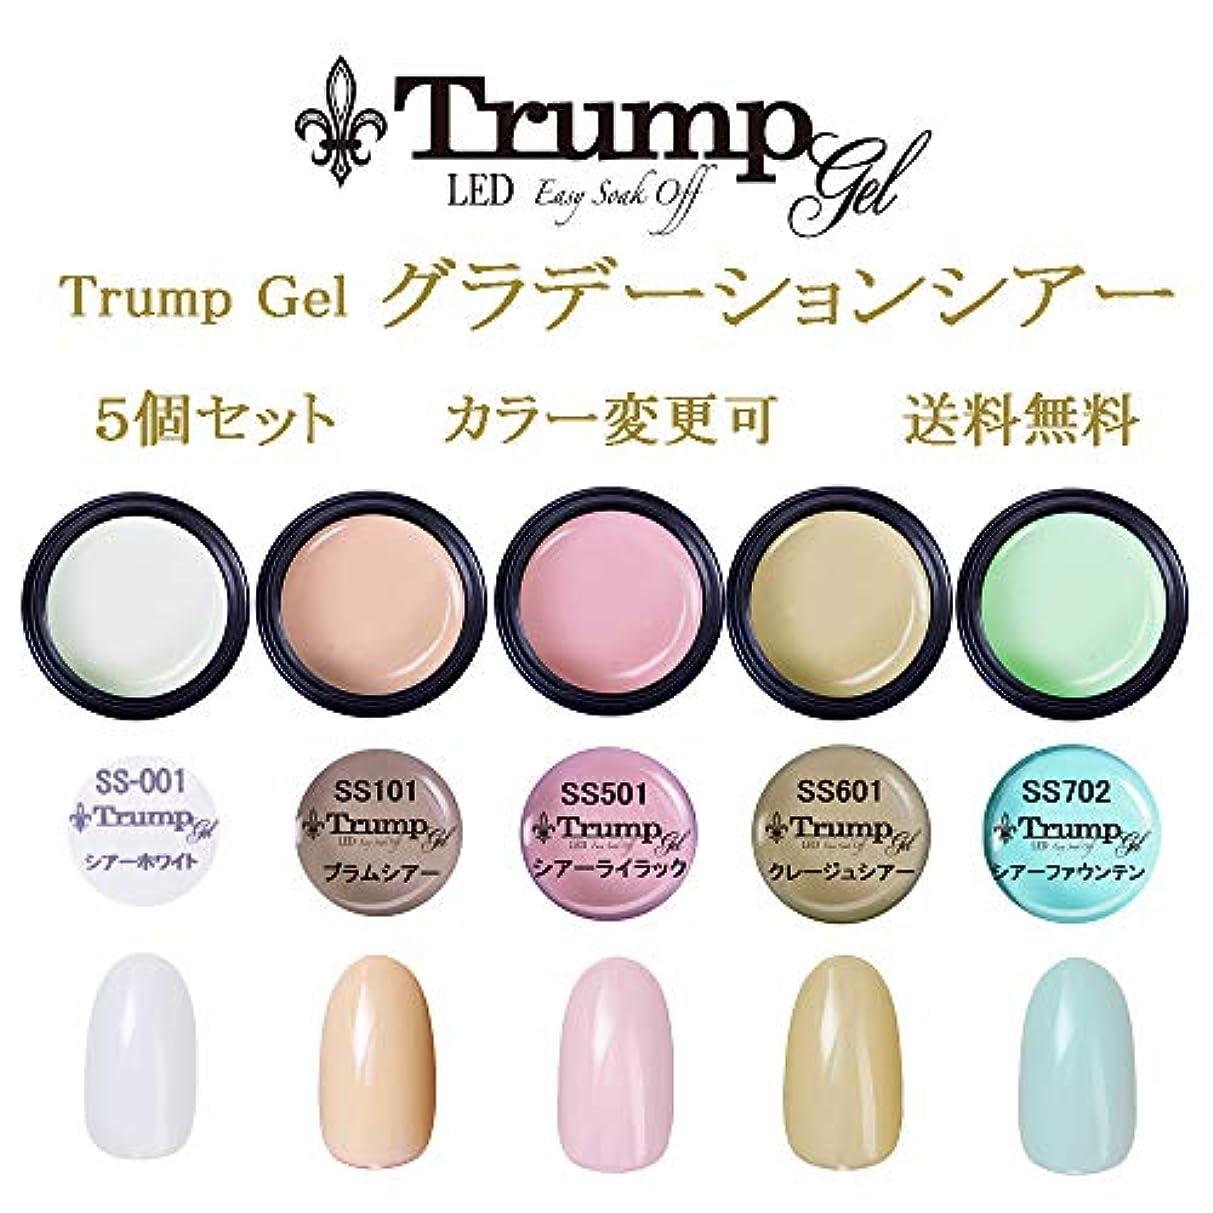 フレッシュアーサーコナンドイル変位日本製 Trump gel トランプジェル グラデーション シアーカラー 選べる カラージェル 5個セット ホワイト ベージュ ピンク イエロー ブルー